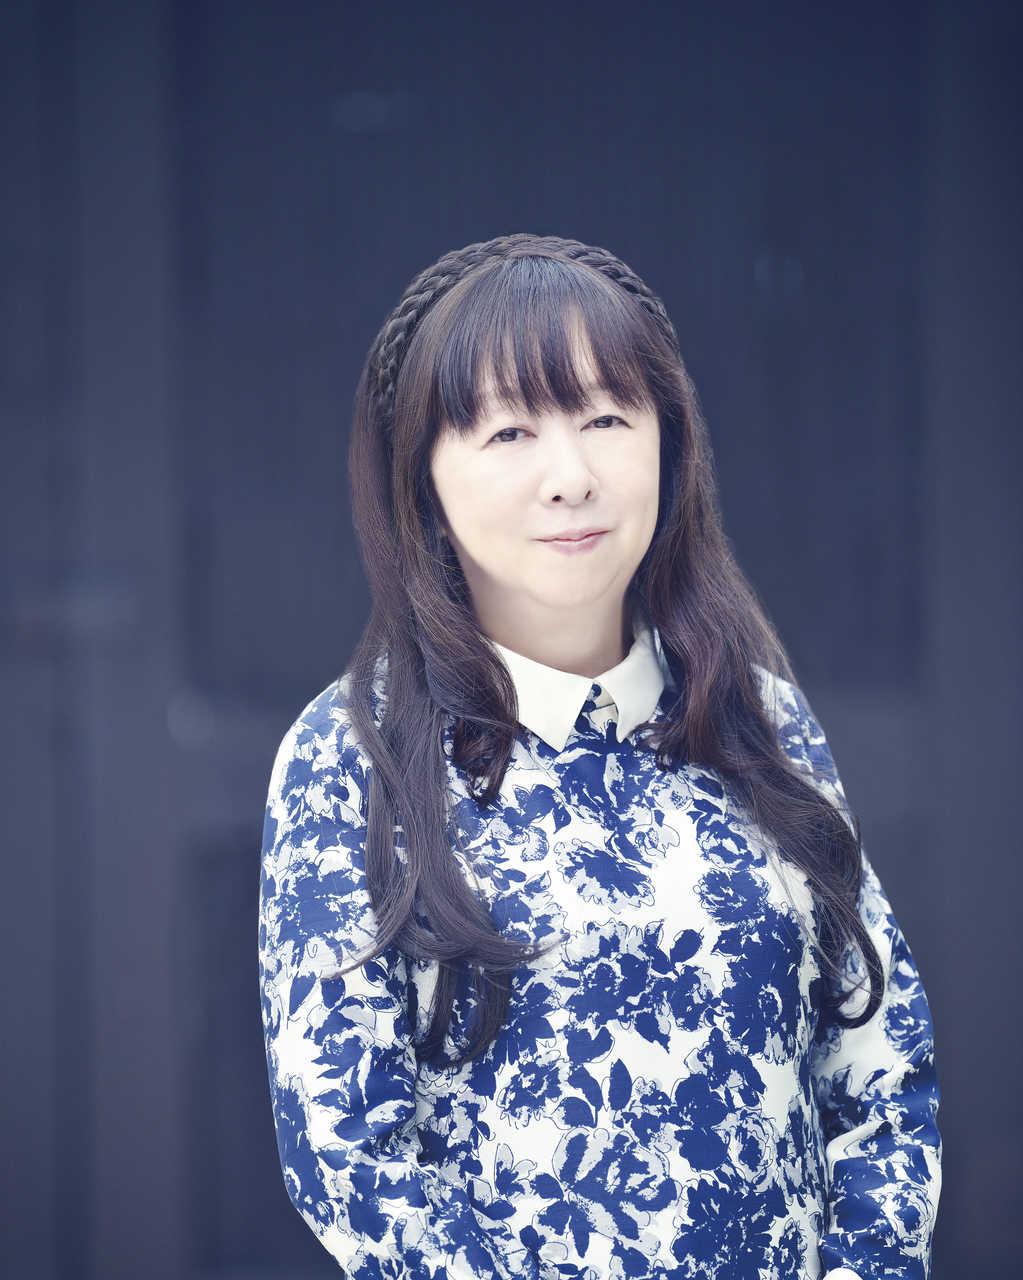 谷山浩子 ライブアルバム『谷山浩子コンサート ~デビュー45周年大収穫祭~』の発売が決定!ジャケ写公開。